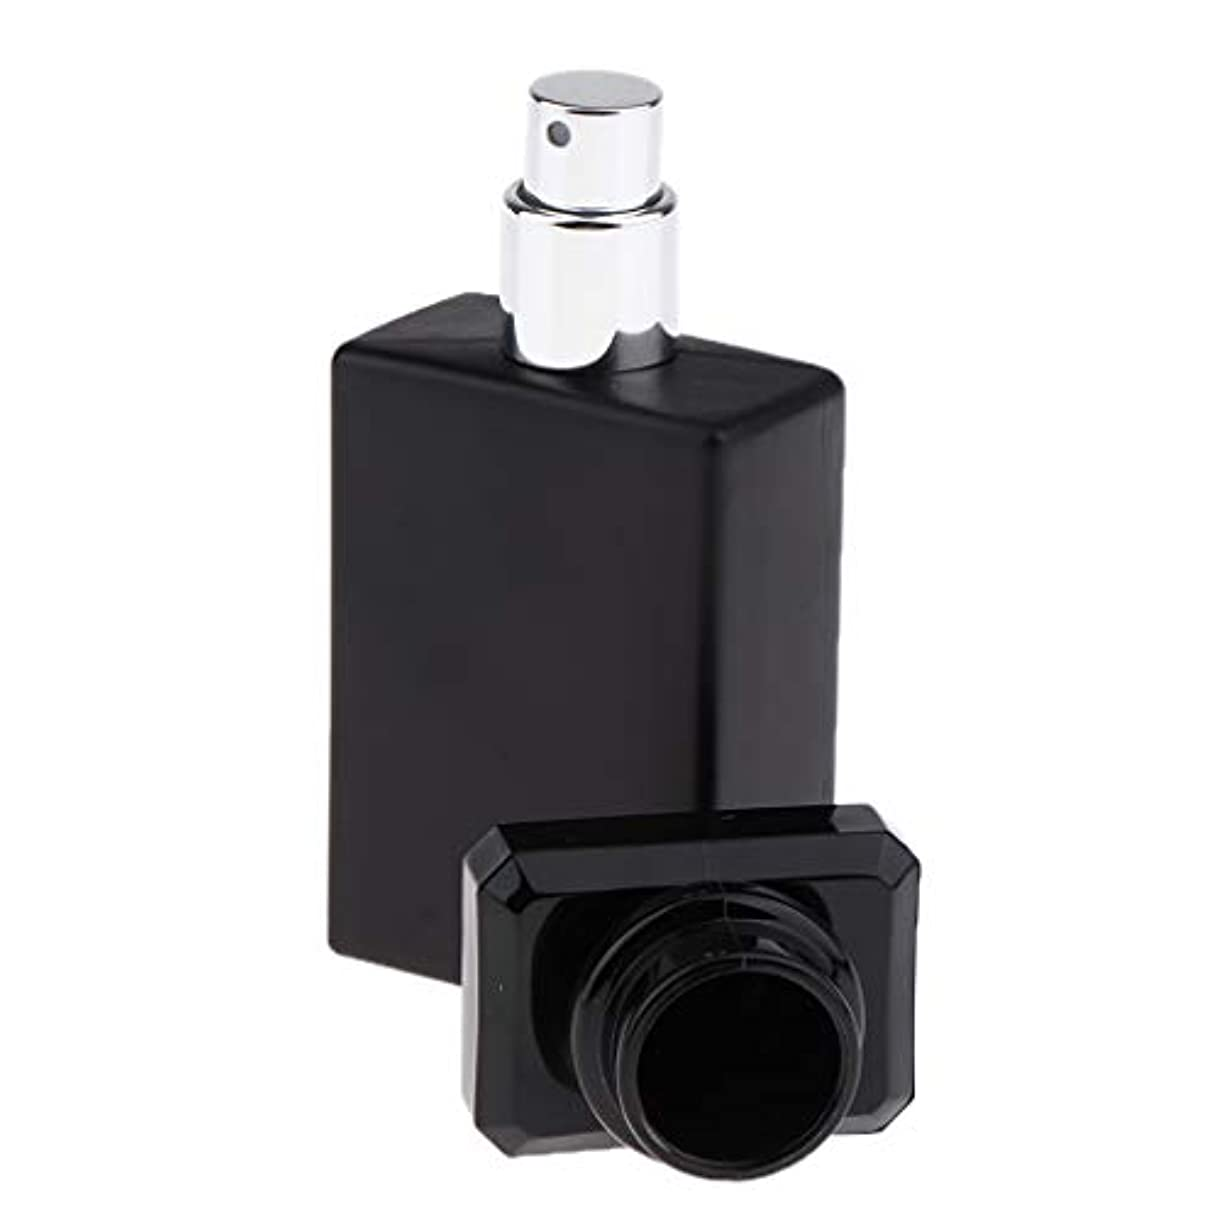 憂鬱クロール無条件SM SunniMix 香水ガラス瓶 ガラスボトル 香水瓶 アトマイザー 空のボトル スプレーボトル 化粧品ボトル 全2色選ぶ - ブラック